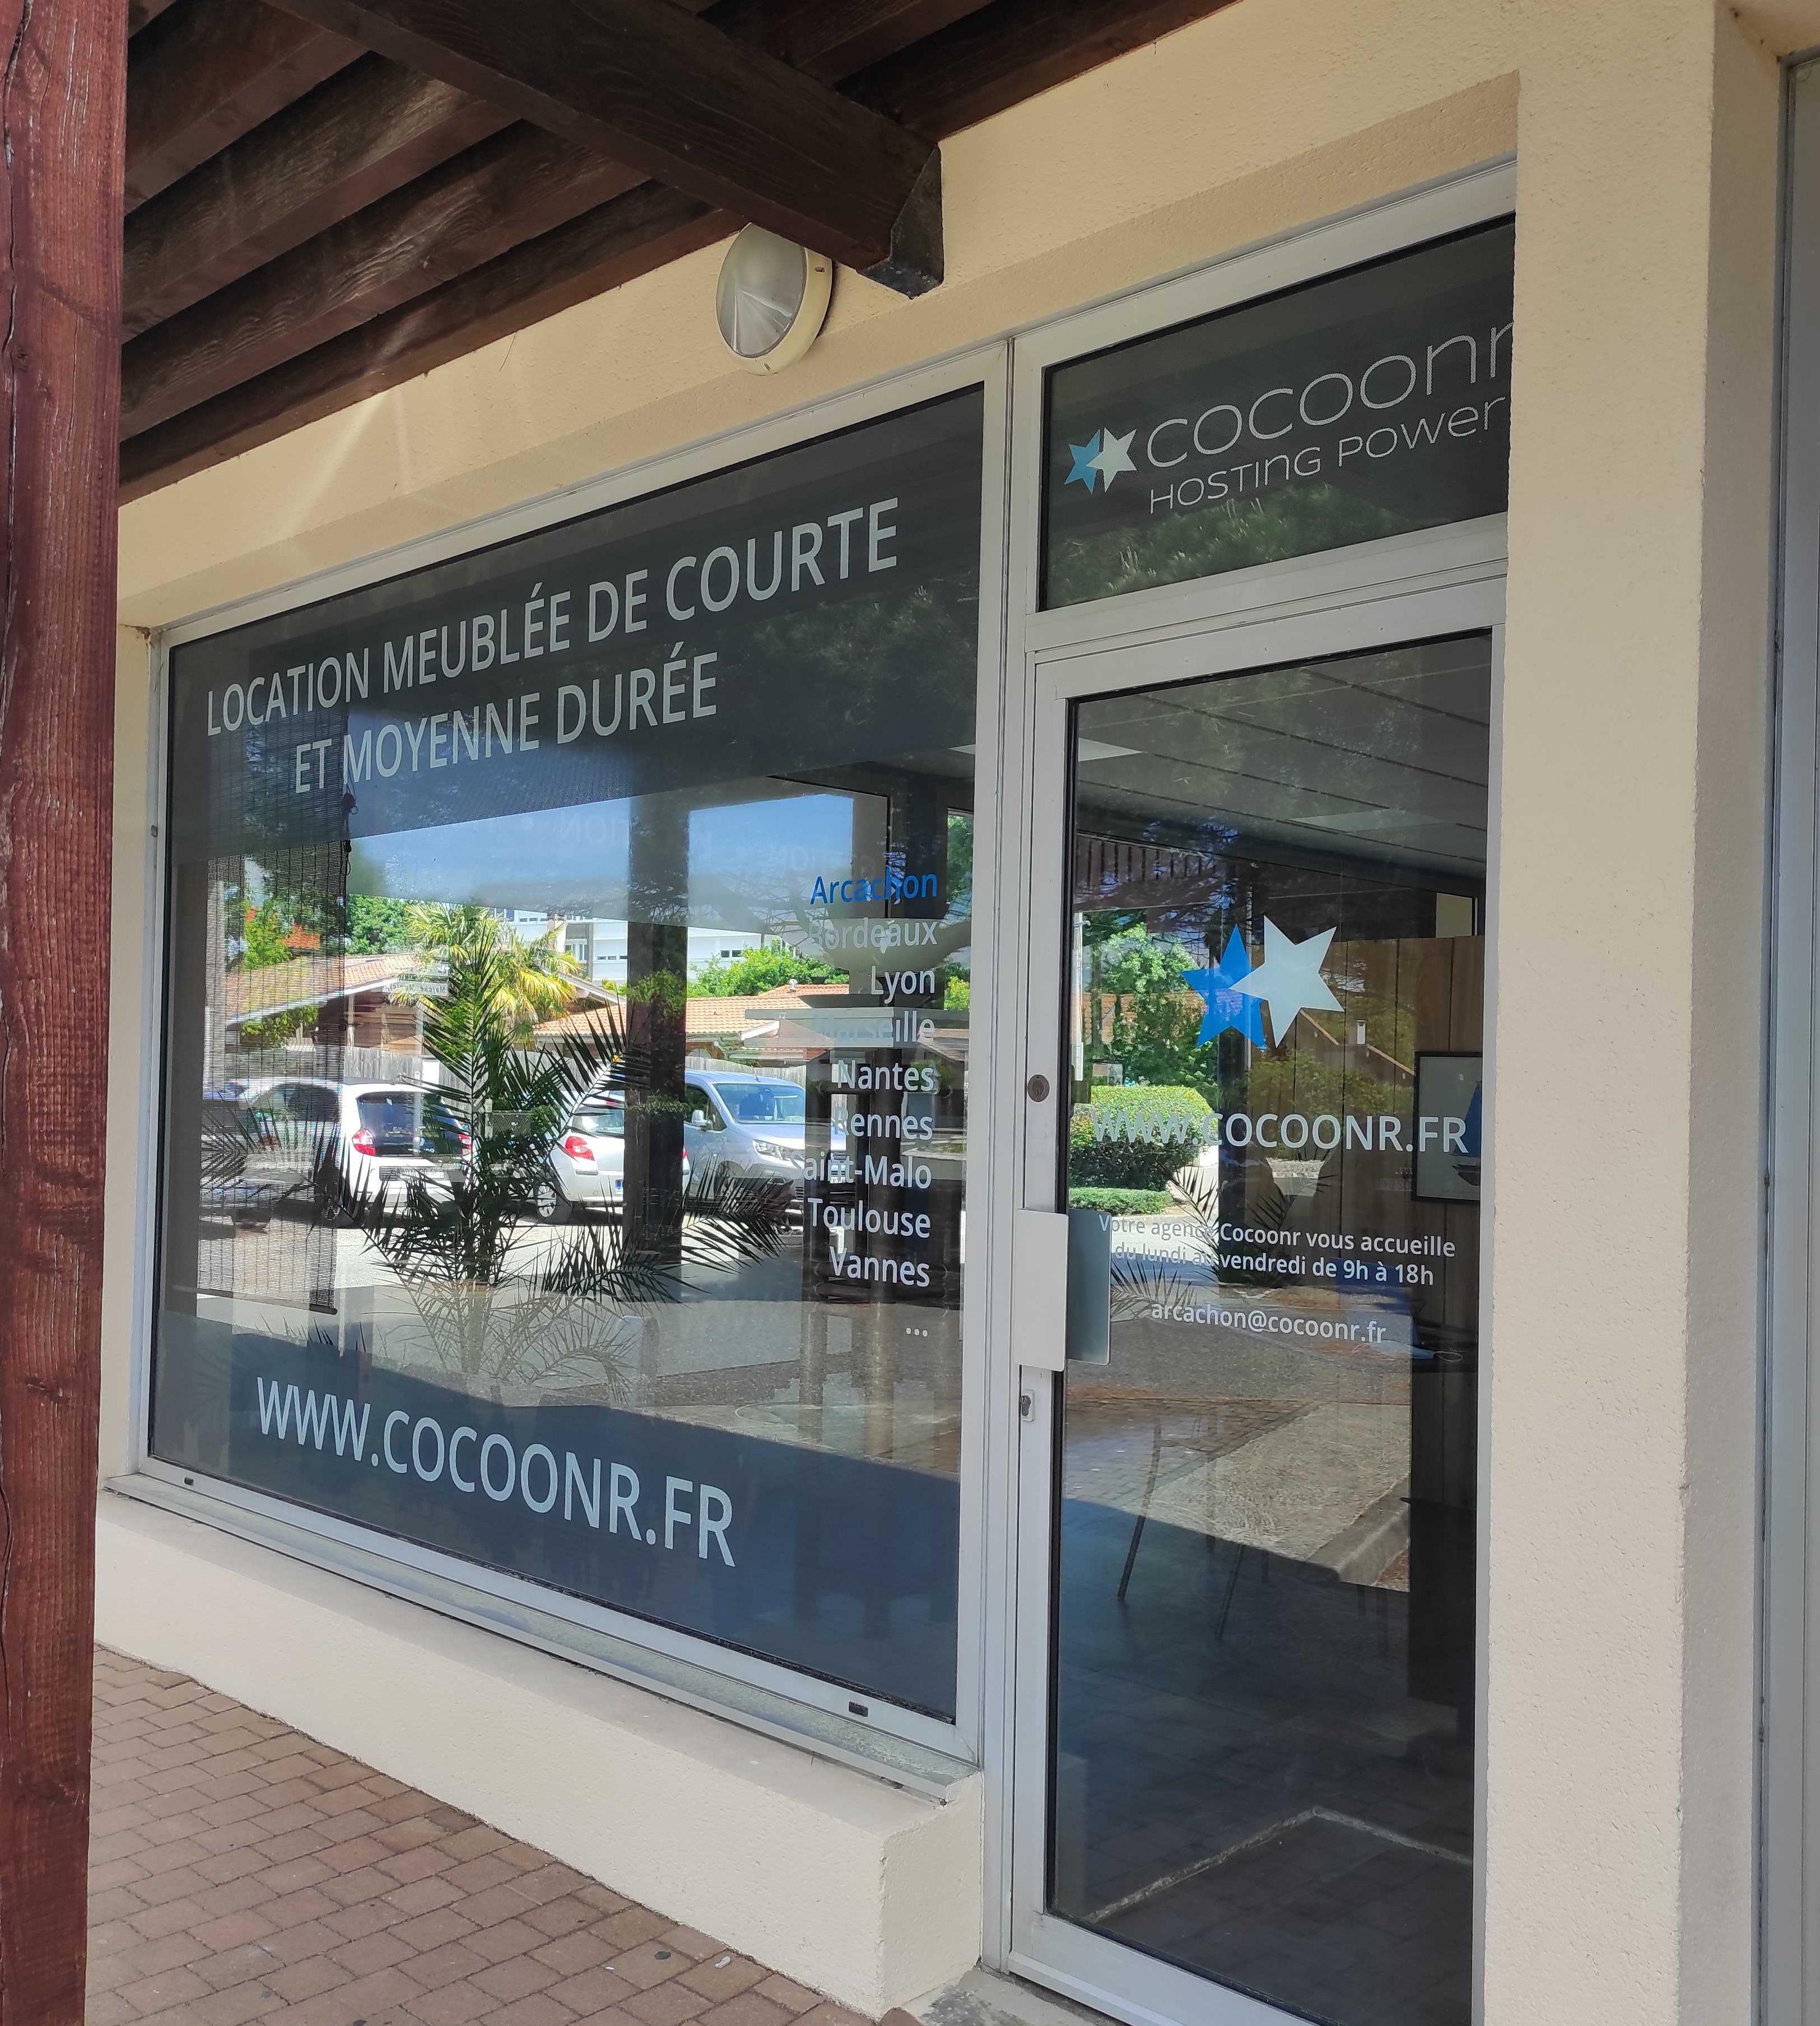 Photo Agence Cocoonr - Conciergerie Airbnb à La Teste-de-Buch